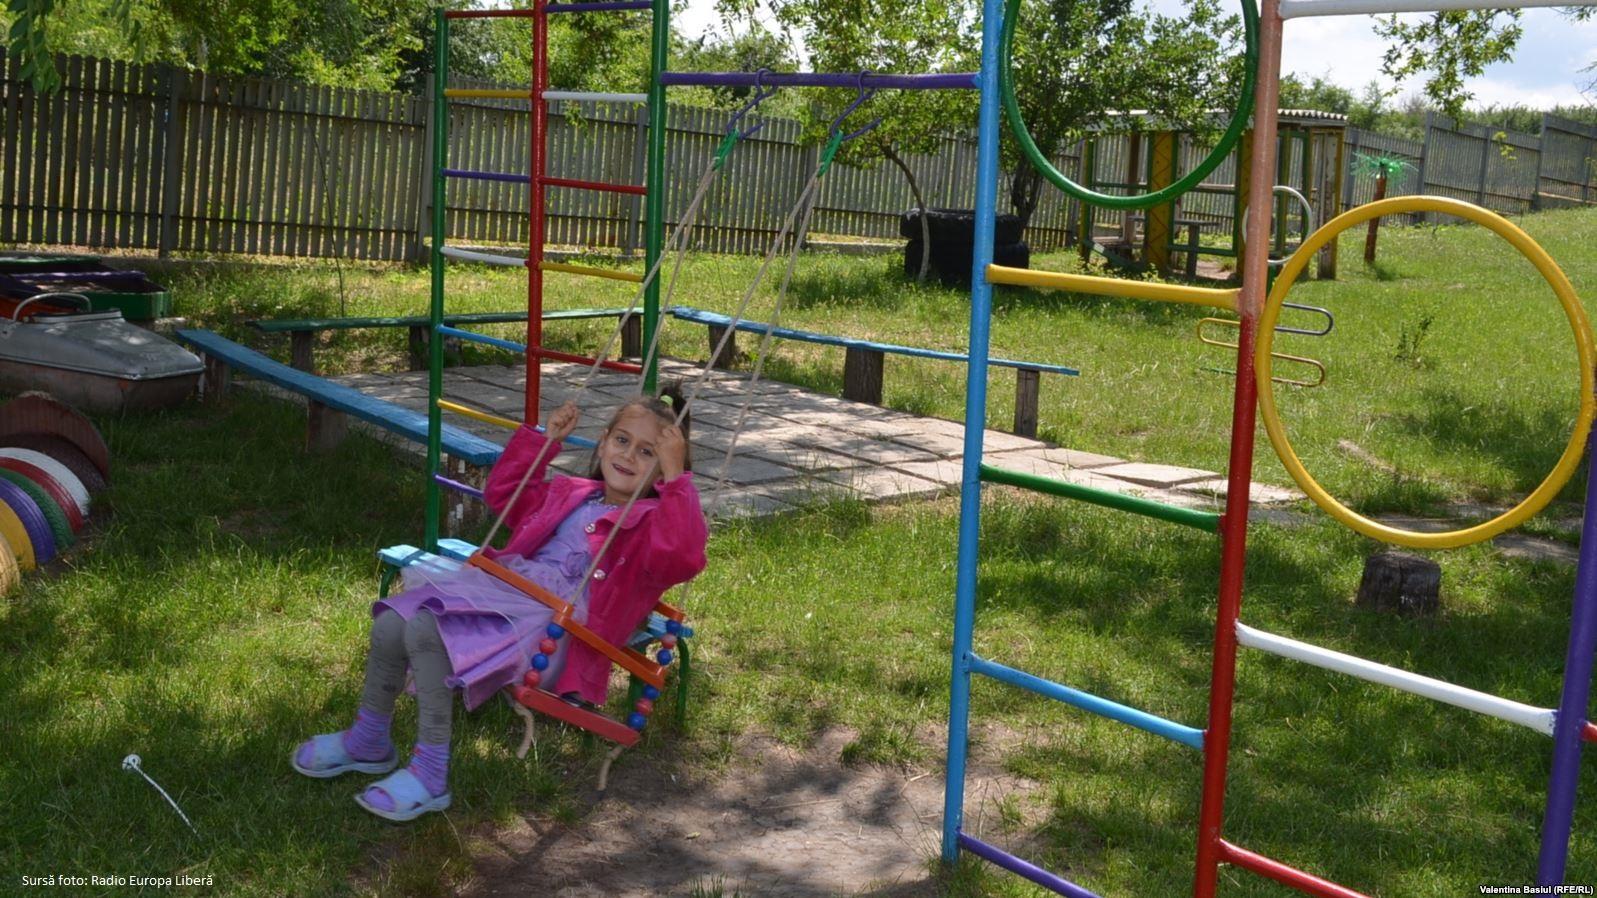 O nouă grădiniță renovată cu sprijinul guvernului român